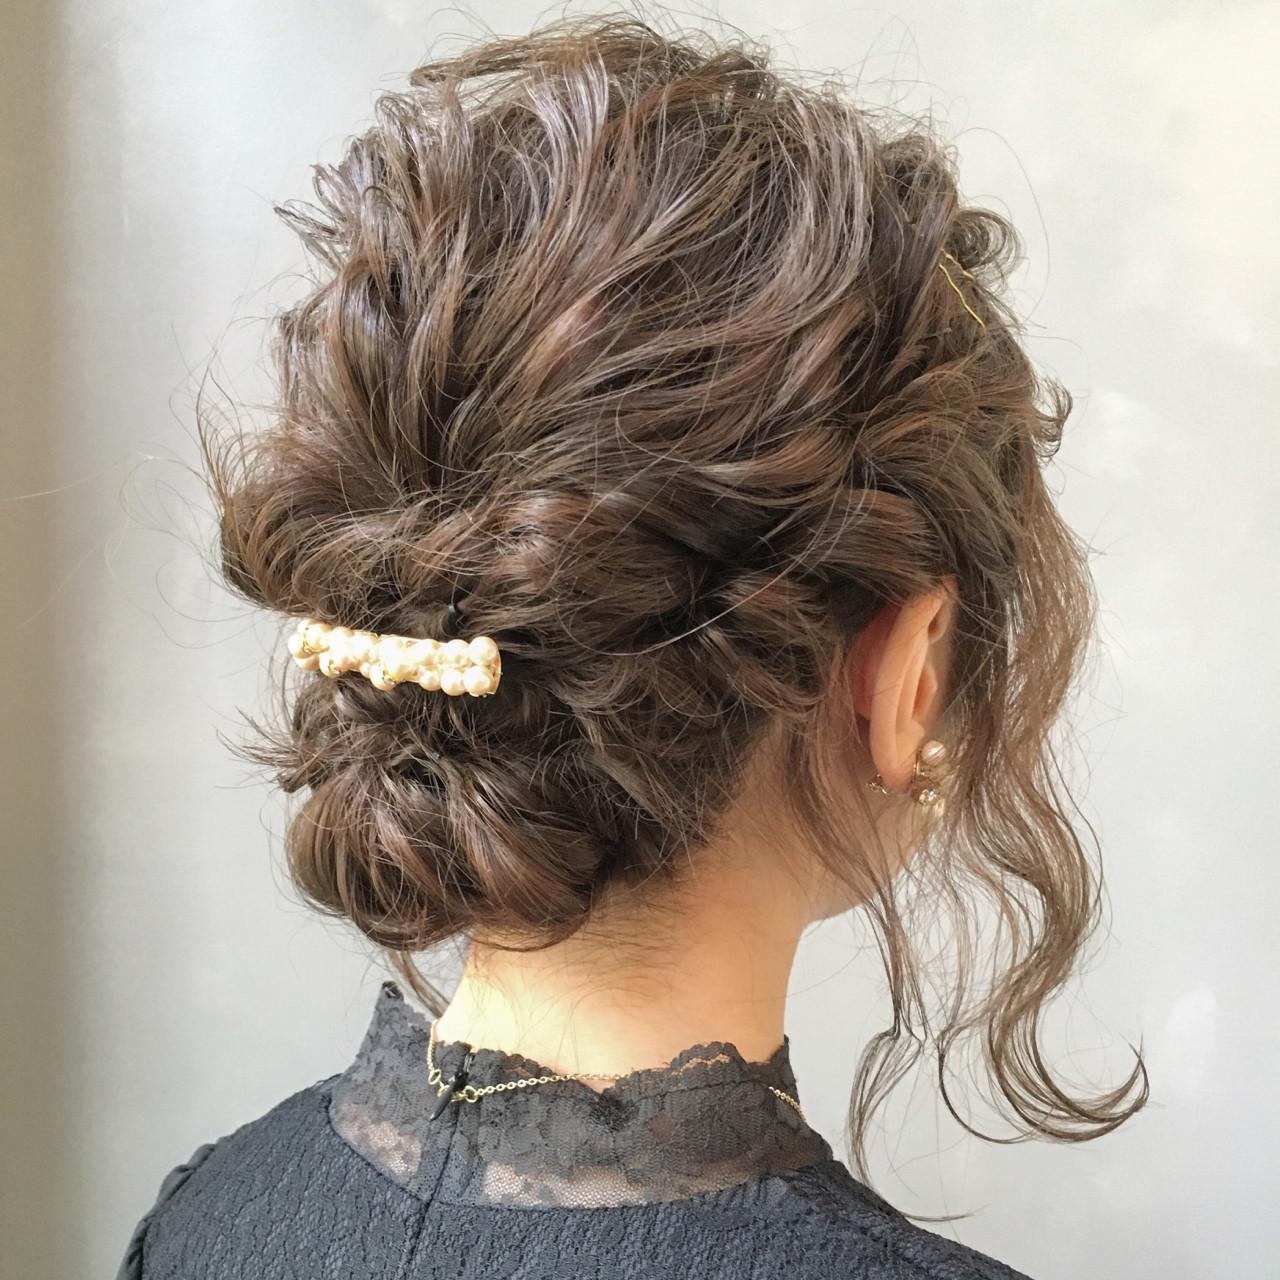 ヘアアレンジ ボブ アッシュ 結婚式 ヘアスタイルや髪型の写真・画像